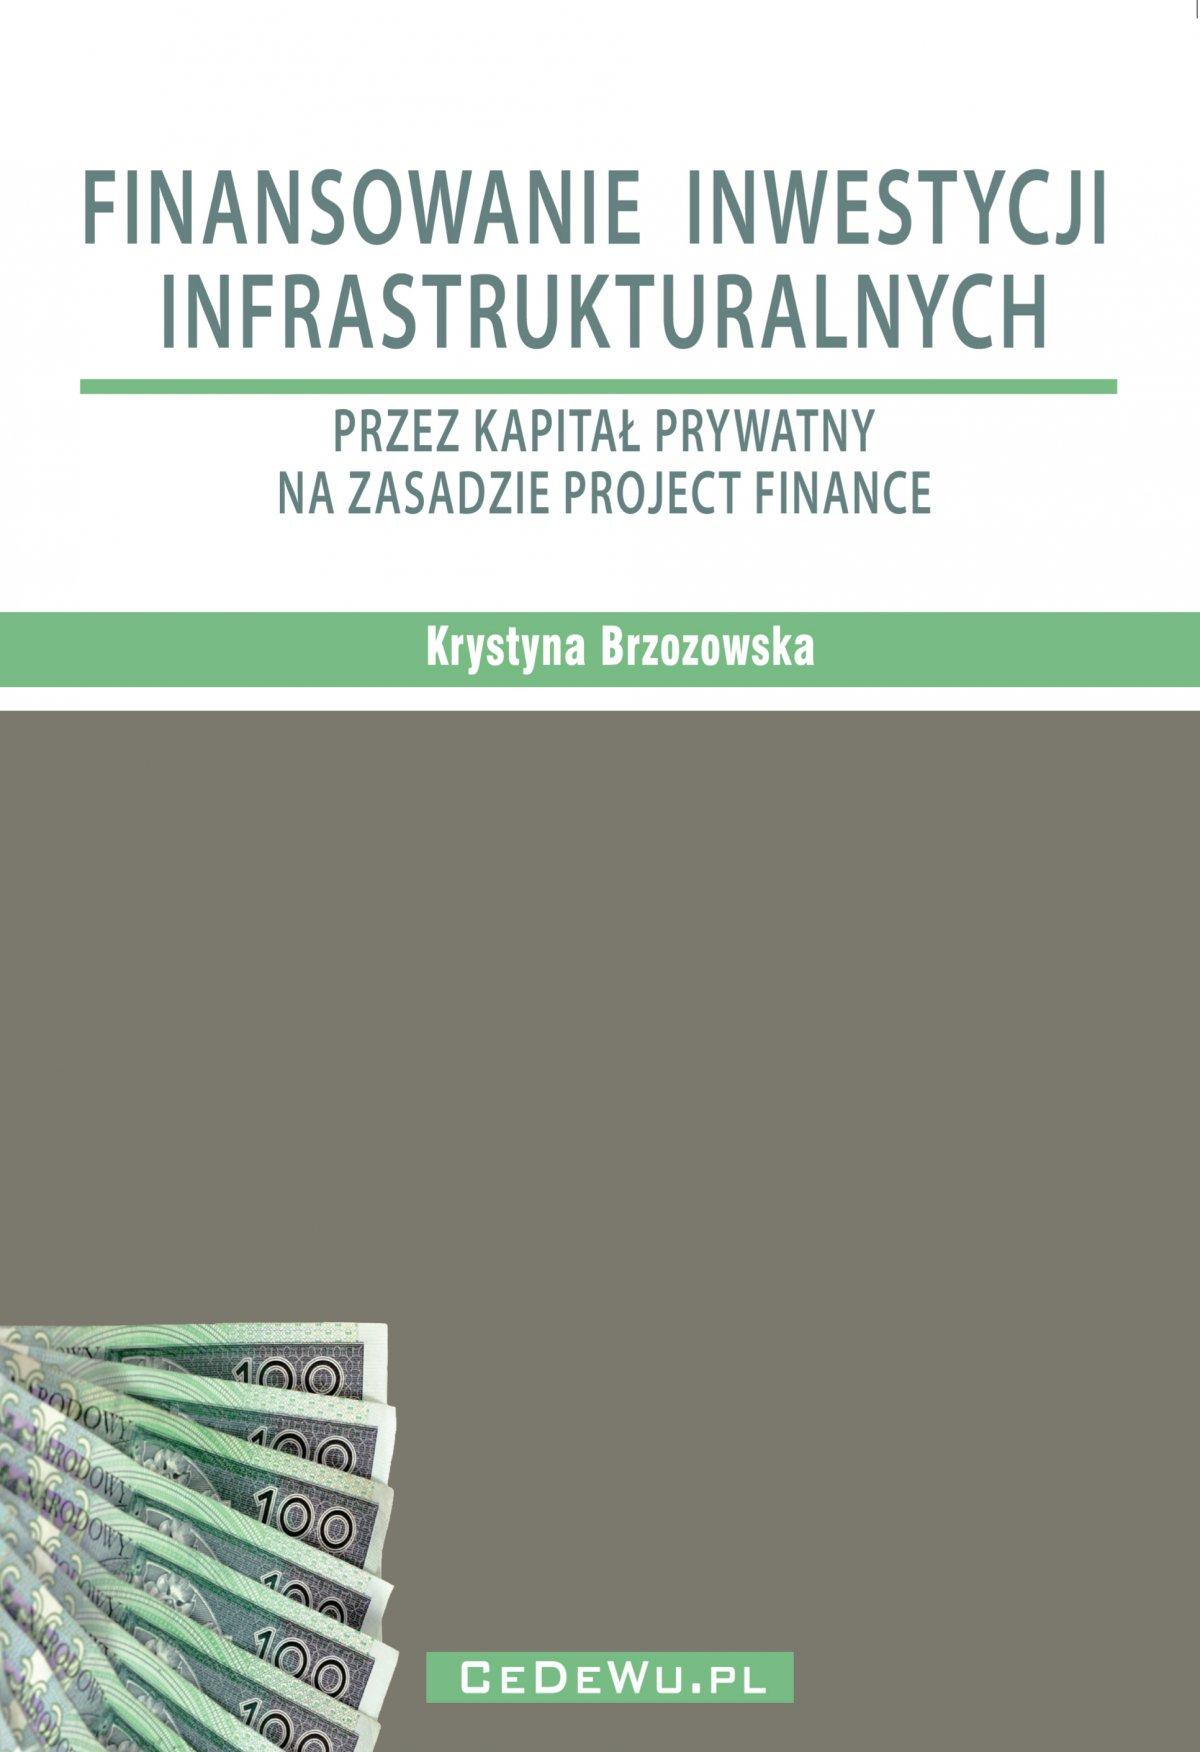 Finansowanie inwestycji infrastrukturalnych przez kapitał prywatny na zasadzie project finance (wyd. II). Rozdział 4. ANALIZA WYBRANYCH PRZYPADKÓW PRYWATNYCH PROJEKTÓW INFRASTRUKTURALNYCH - Ebook (Książka PDF) do pobrania w formacie PDF